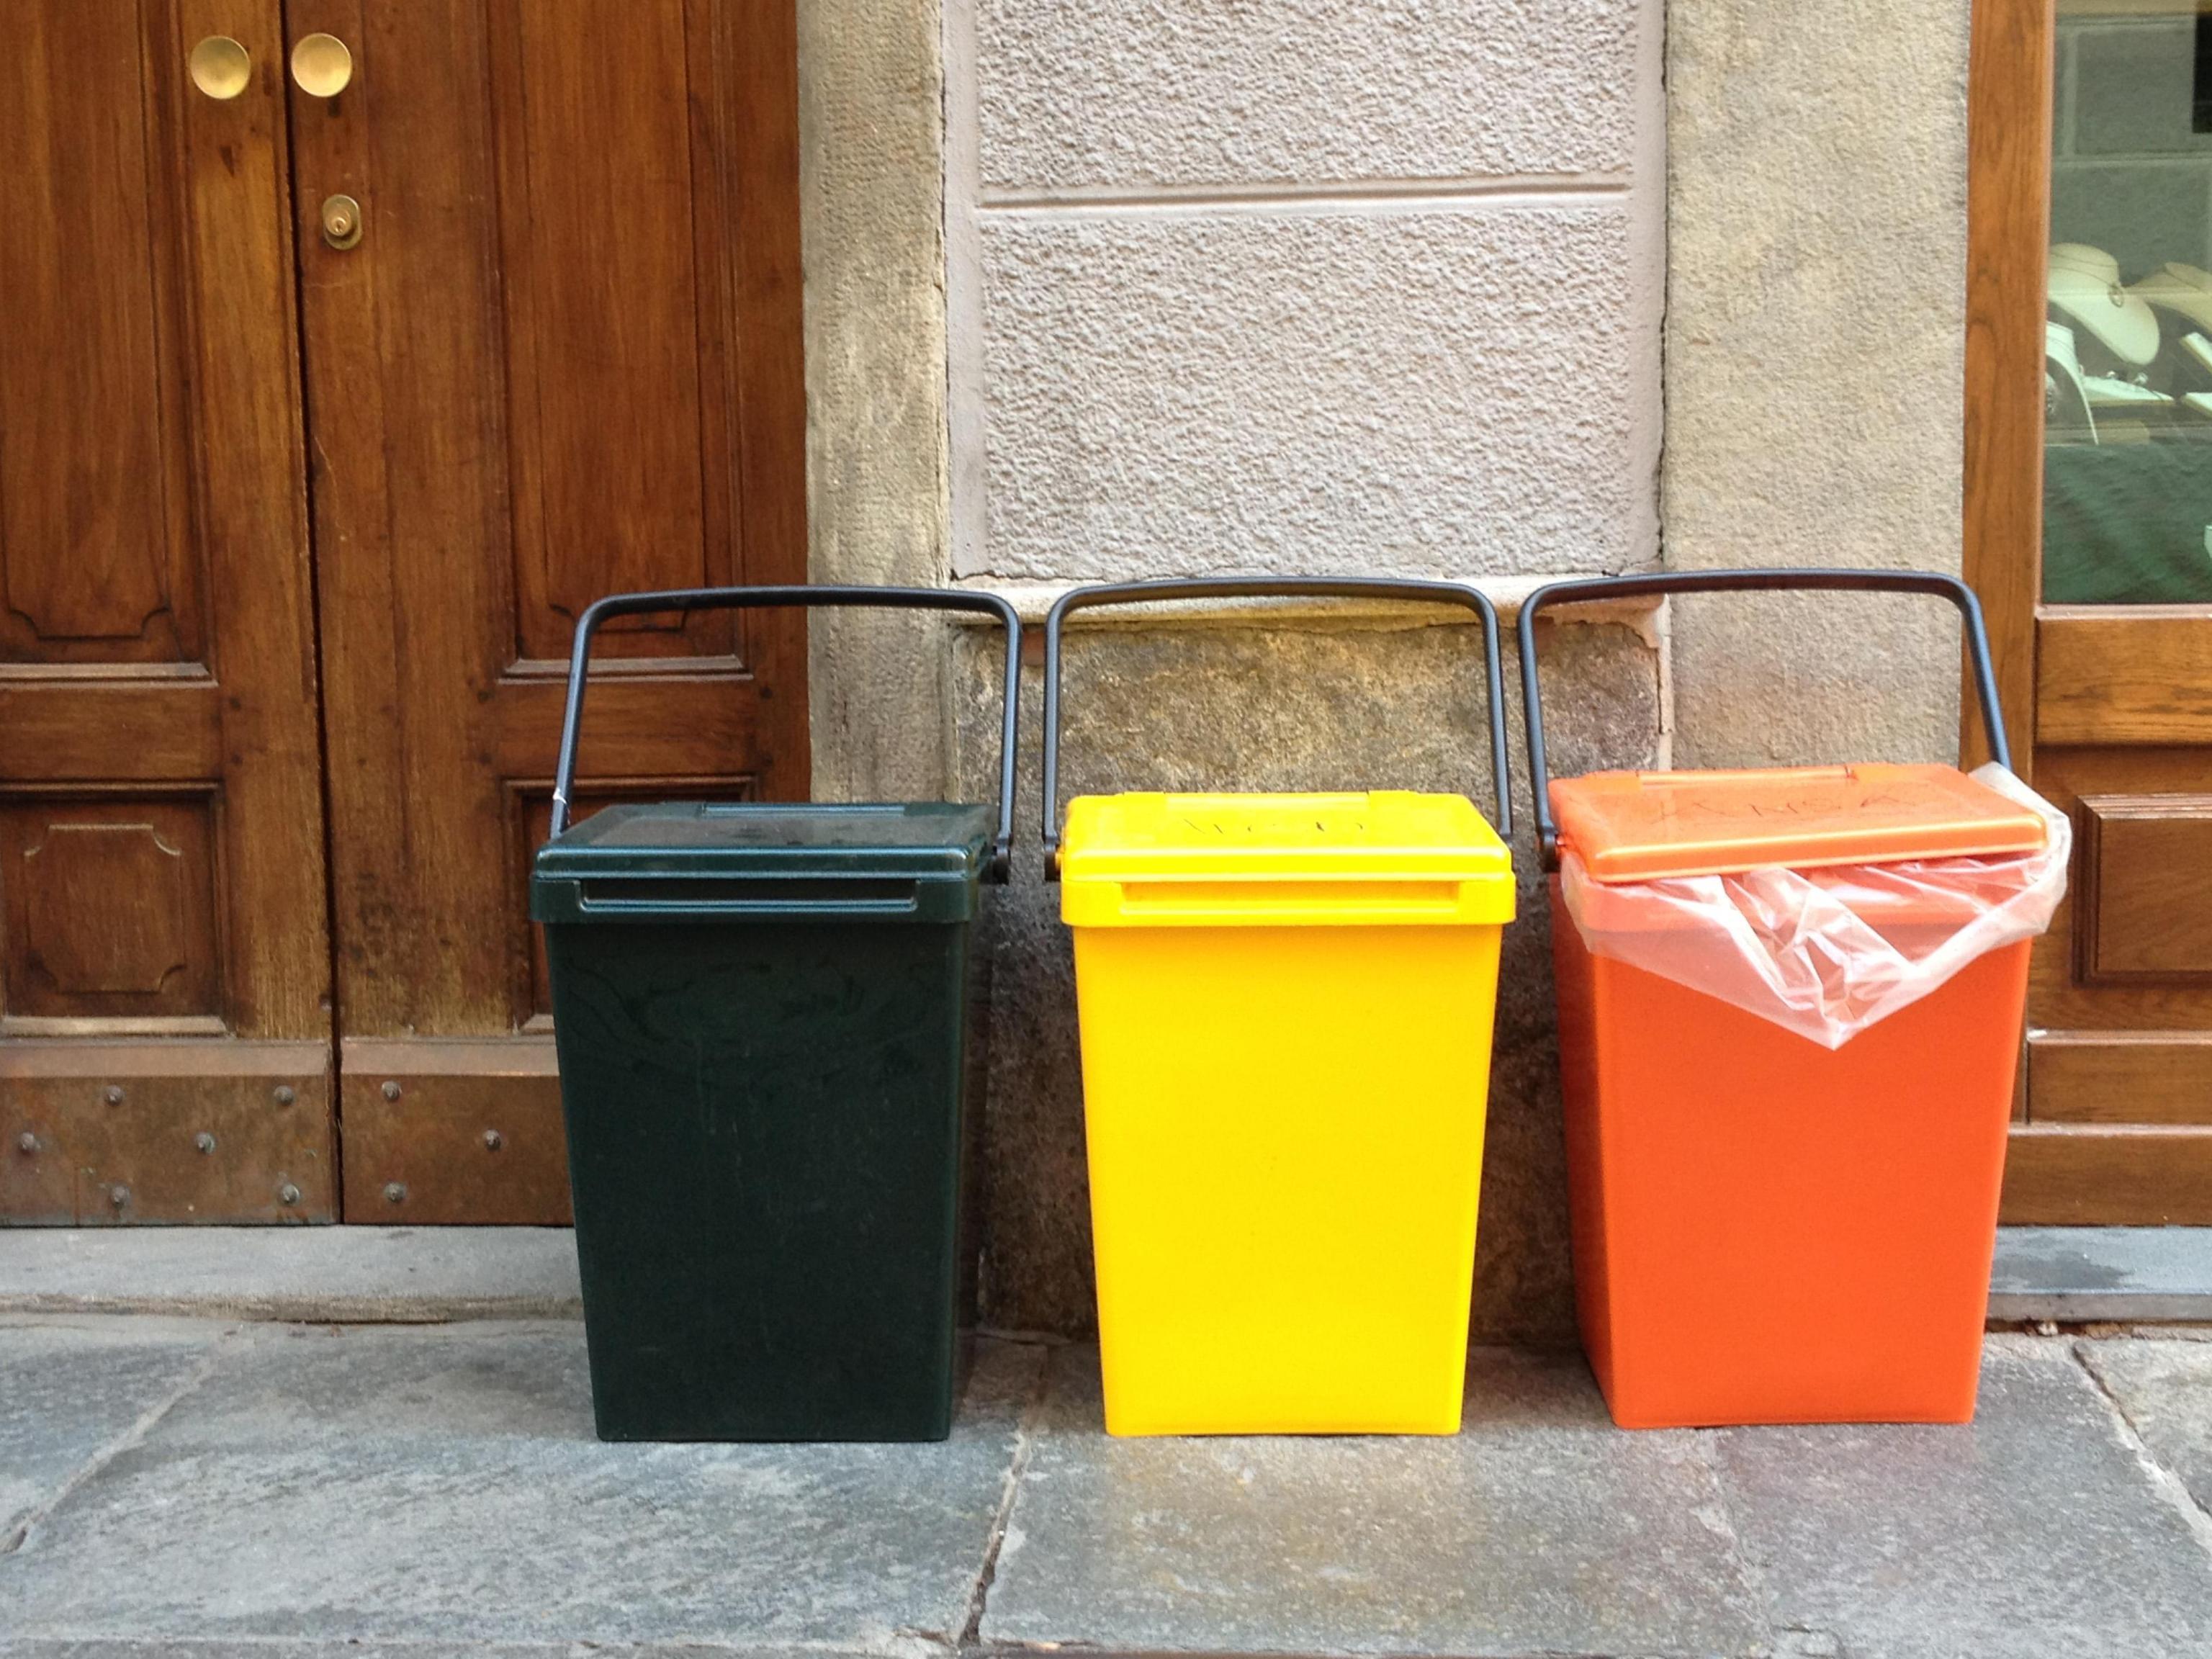 Compost da rifiuti organici: in aumento la raccolta differenziata